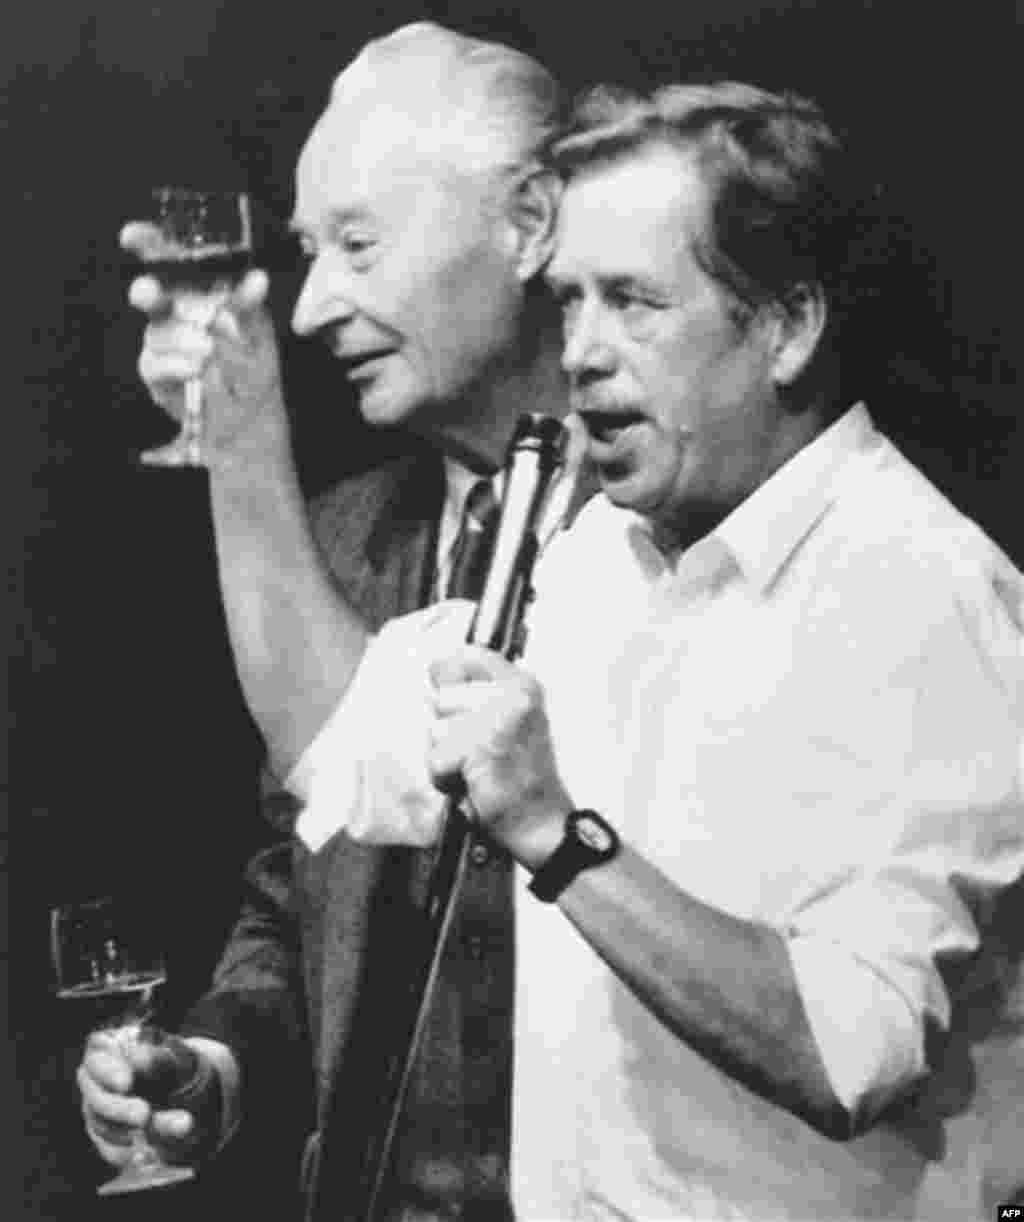 1989 წლის 24 ნოემბერი - ჩეხეთის ოპოზიციის ლიდერი ვაცლავ ჰაველი (მარჯვნივ) და ჩეხოსლოვაკიაში რეფორმების ინიციატორი ალექსანდერ დუბჩეკი პოლიტბიუროს გადადგომას სადღეგრძელოთი აღნიშნავენ